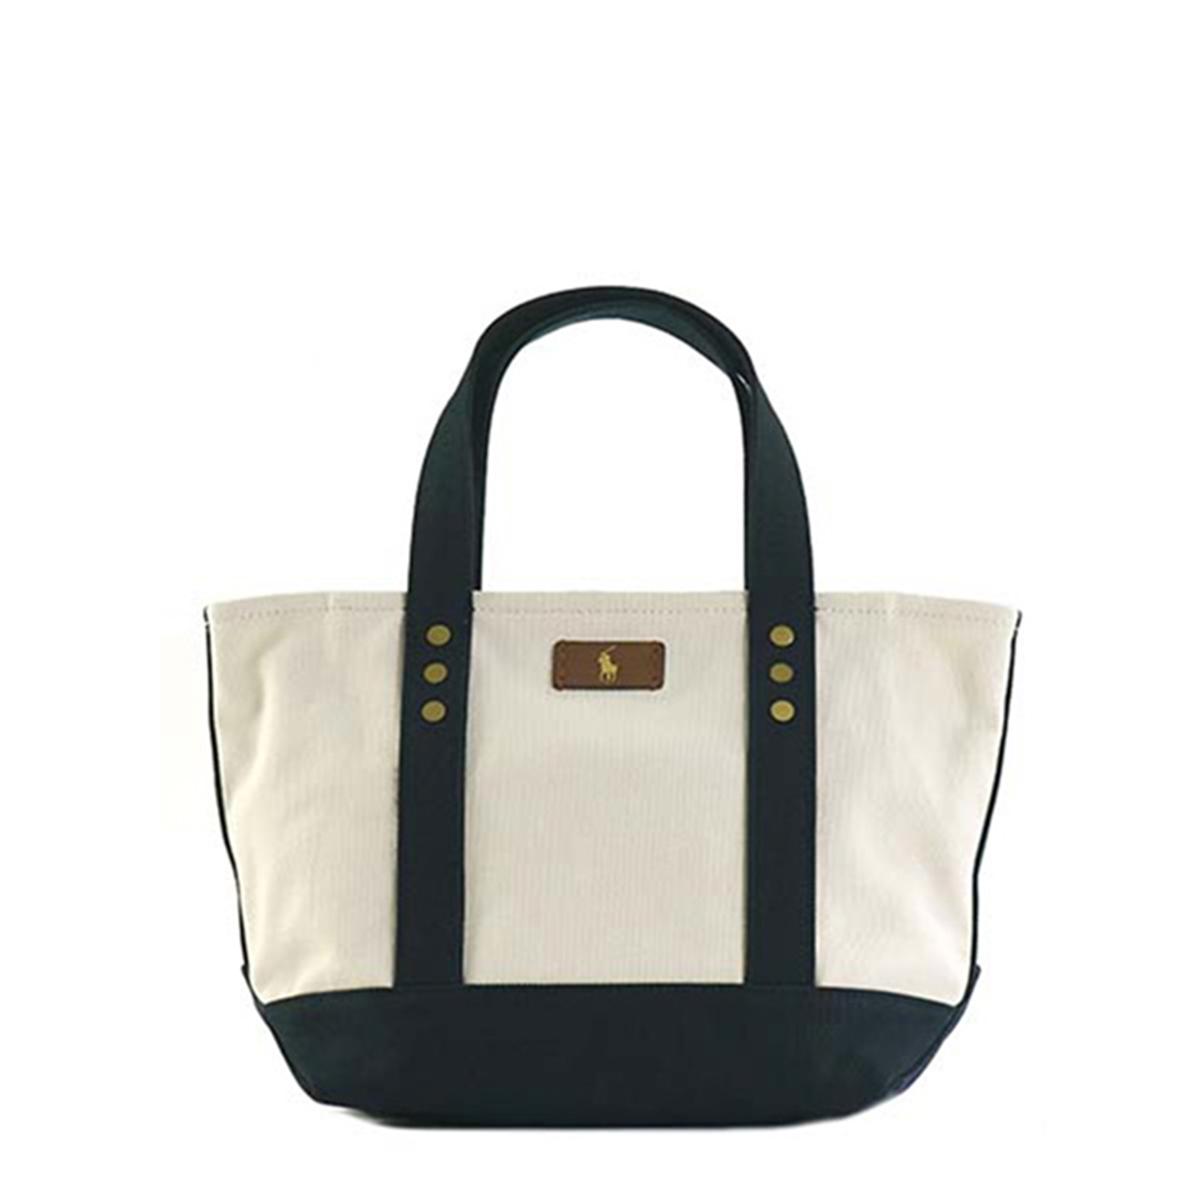 dfebc0c34e13 Polo Ralph Lauren Polo Ralph Lauren handbag tote bag shoulder bag Lady s  men canvas purse shoulder back tote bag natural beige navy dark blue Lady s  ...